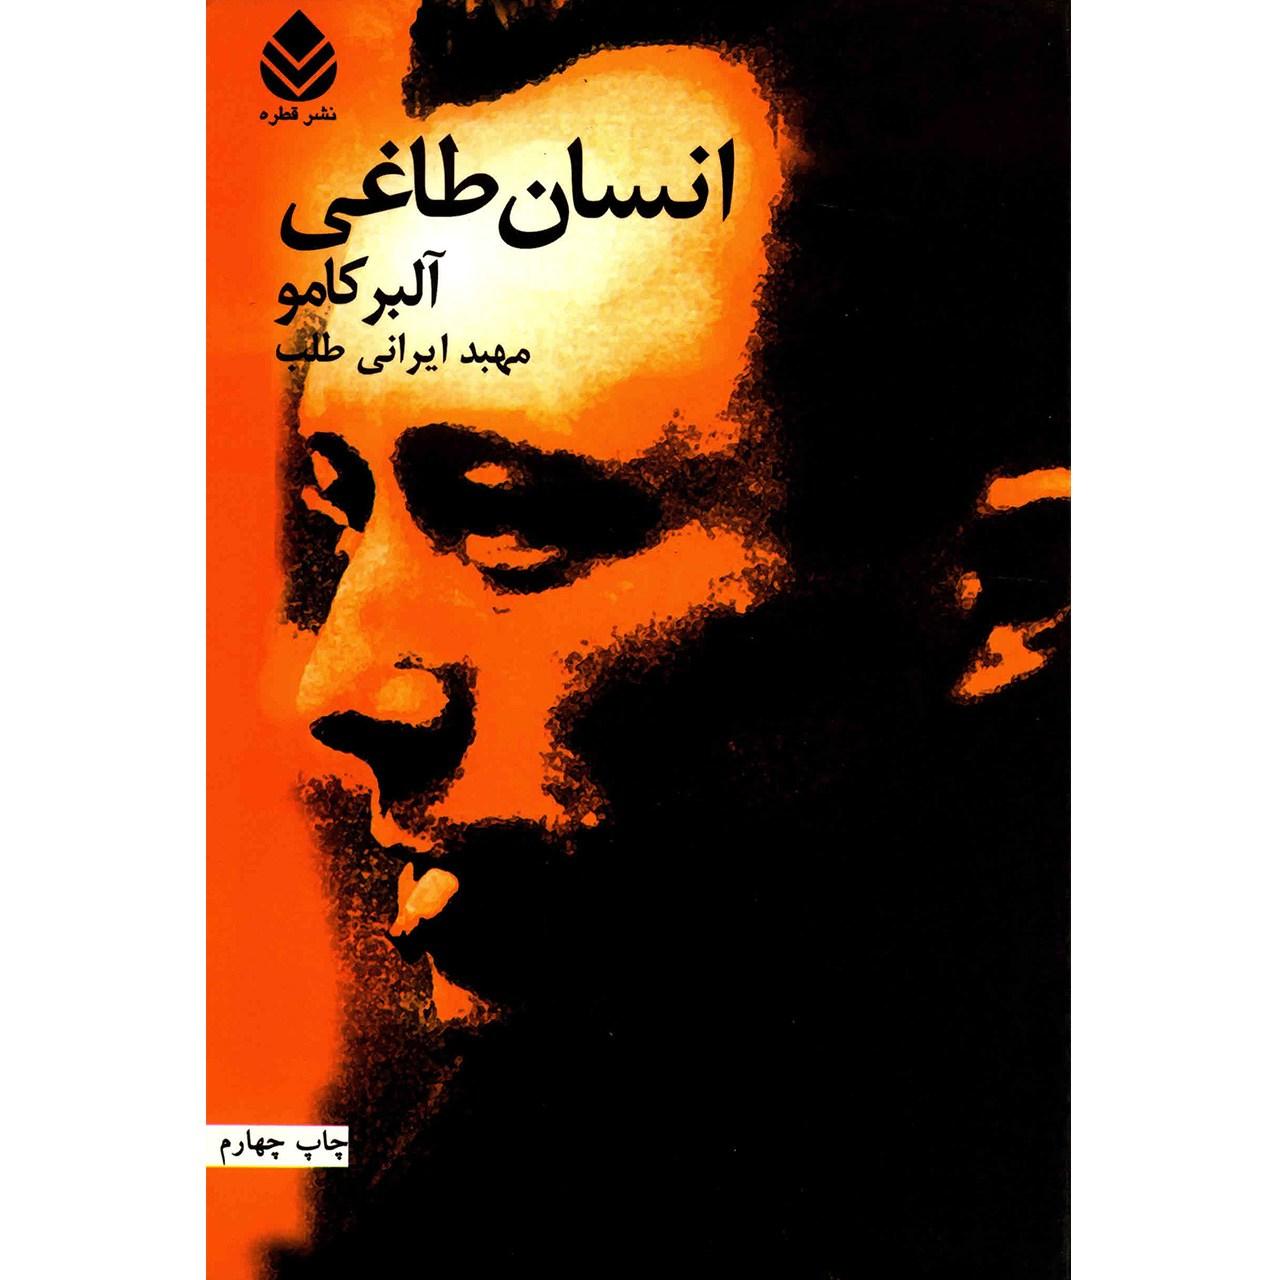 خرید                      کتاب انسان طاغی اثر آلبر کامو